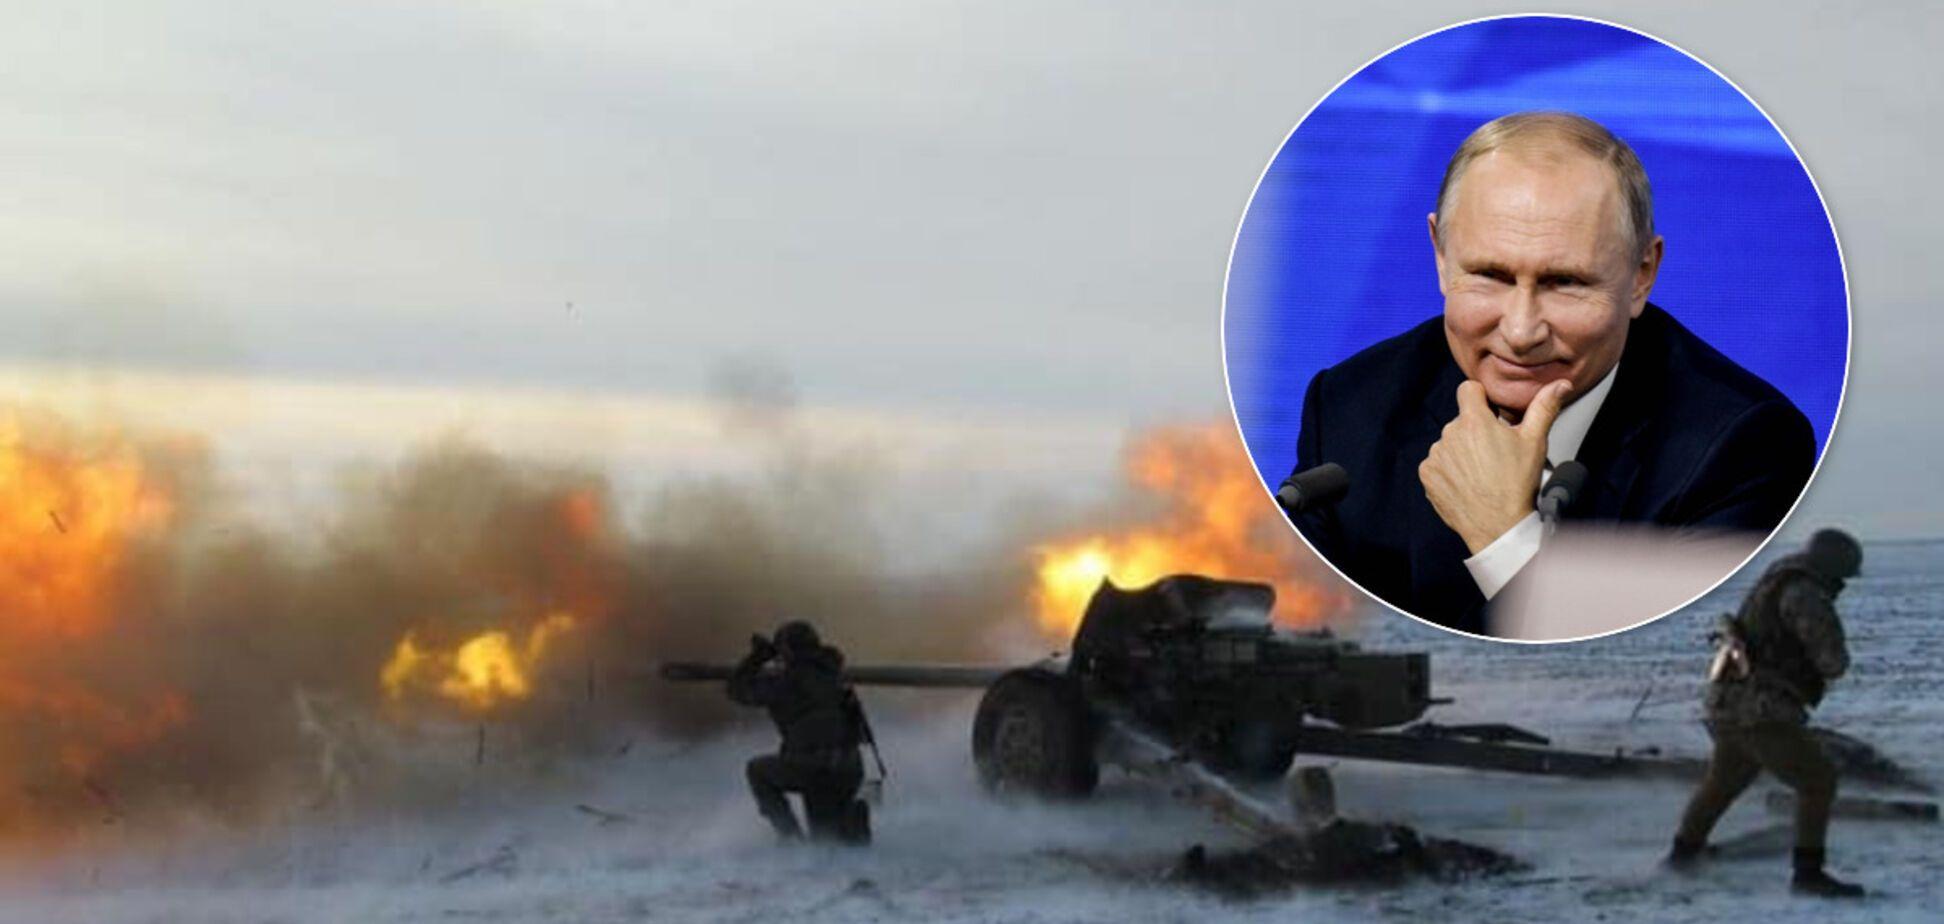 РФ пошла в наступление на Донбассе: как Путин отправил 'привет' Зеленскому